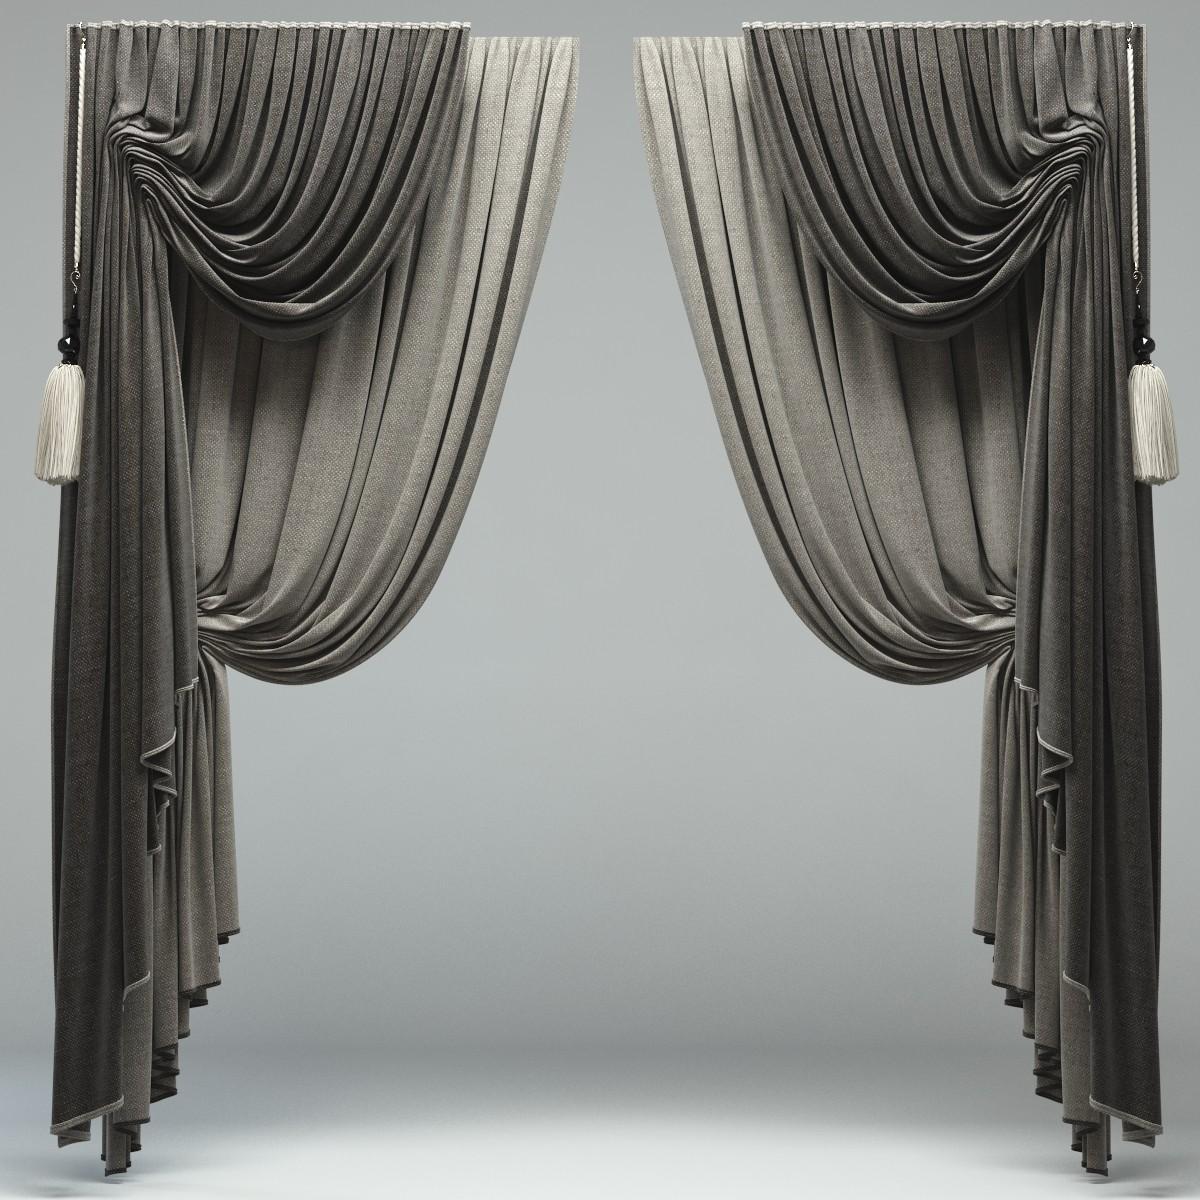 Curtain Patterns 2017 | Curtain Menzilperde.Net